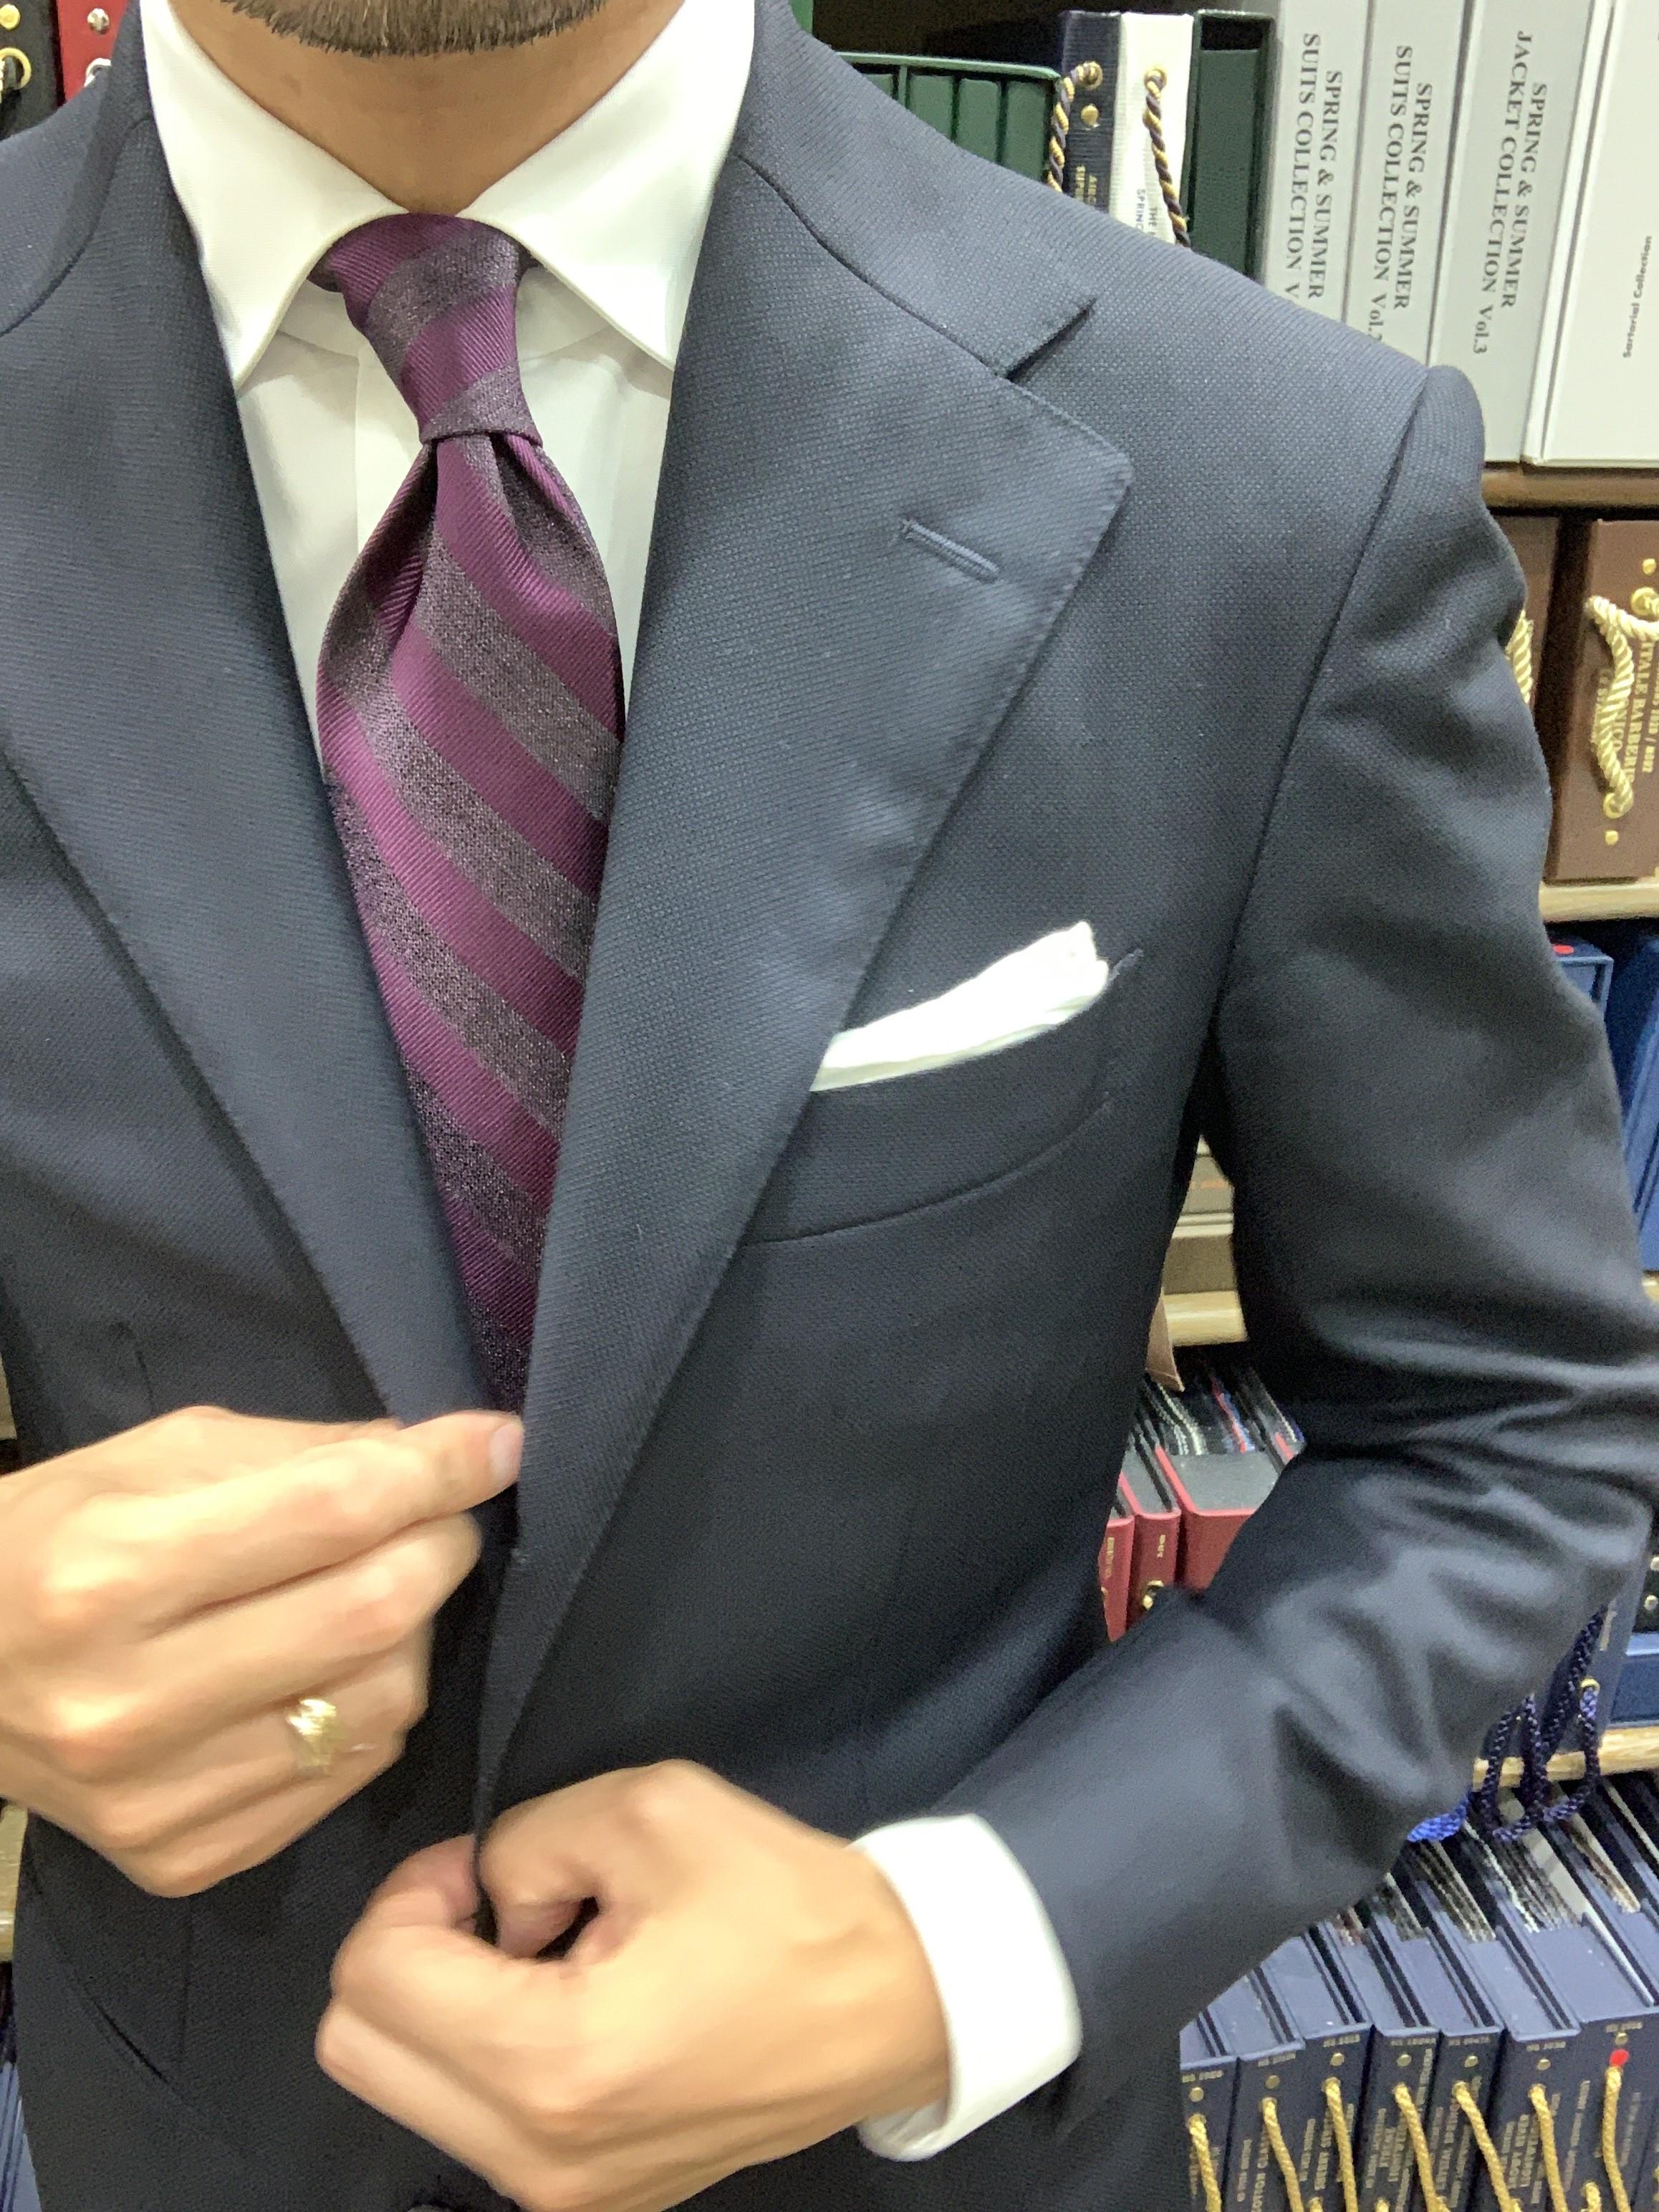 <p>9. ポケットチーフを覗かせると、さらに綺麗に見える。</p>